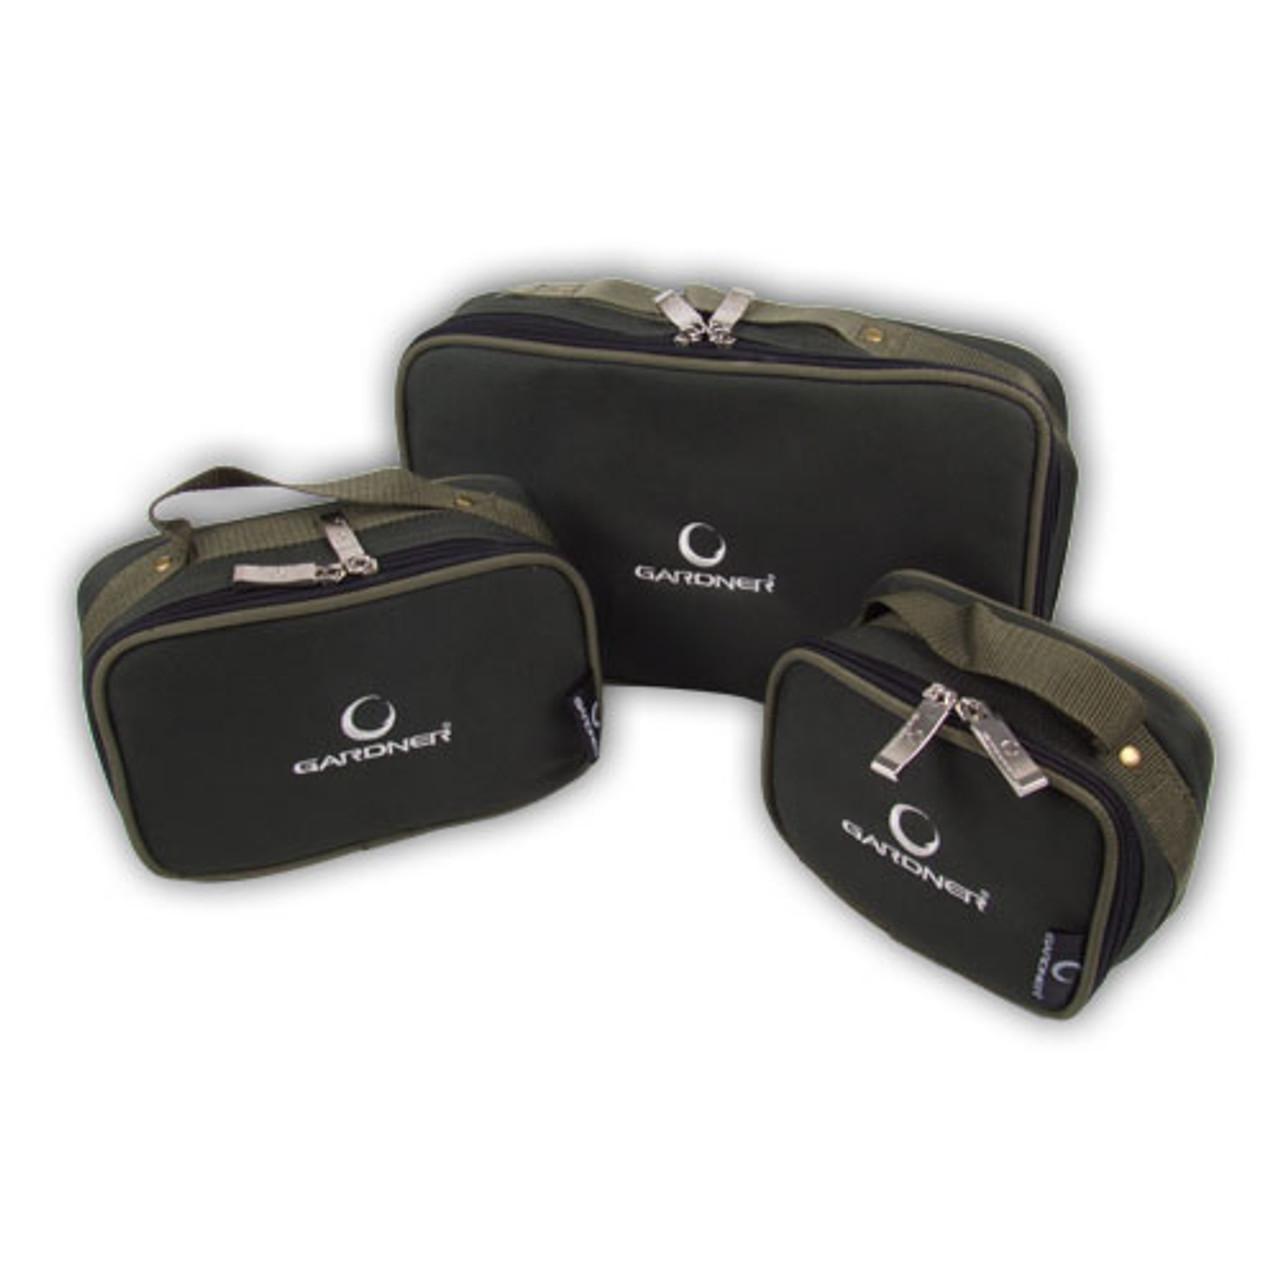 Gardner Standard Lead/Accessories Pouch